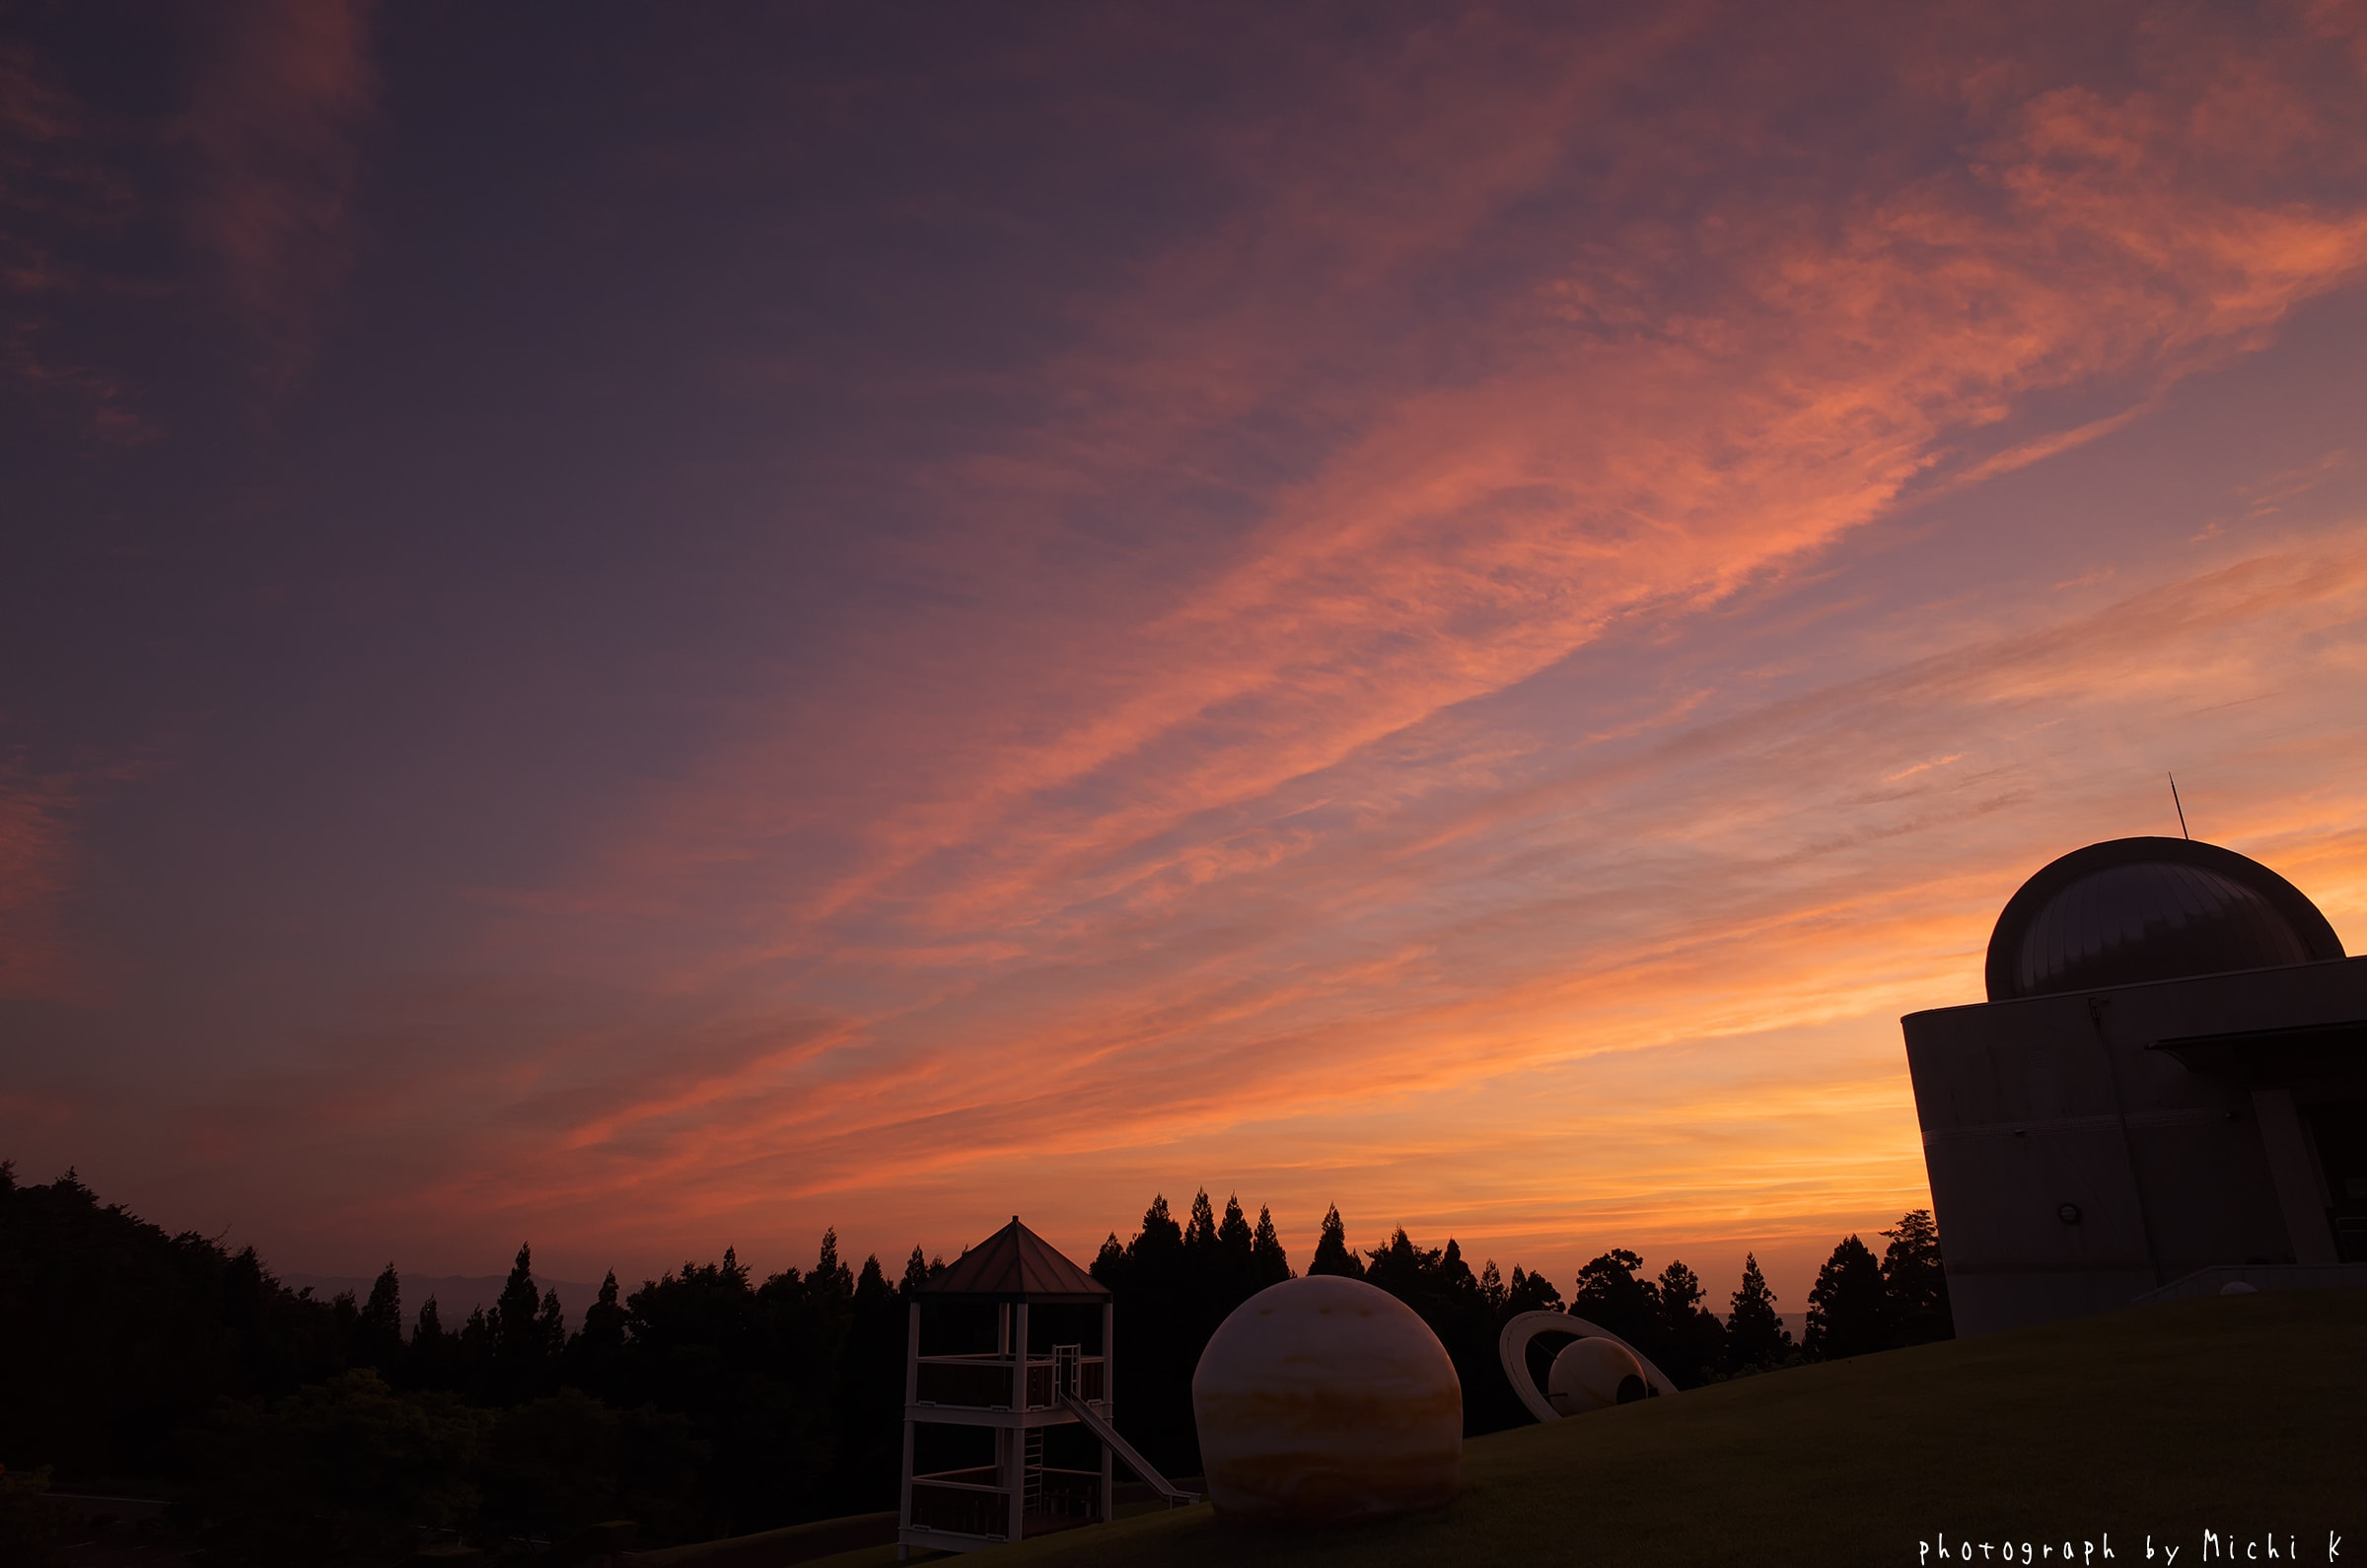 酒田市,、眺海の森天体観測館近くで見た夕焼け(写真その2)